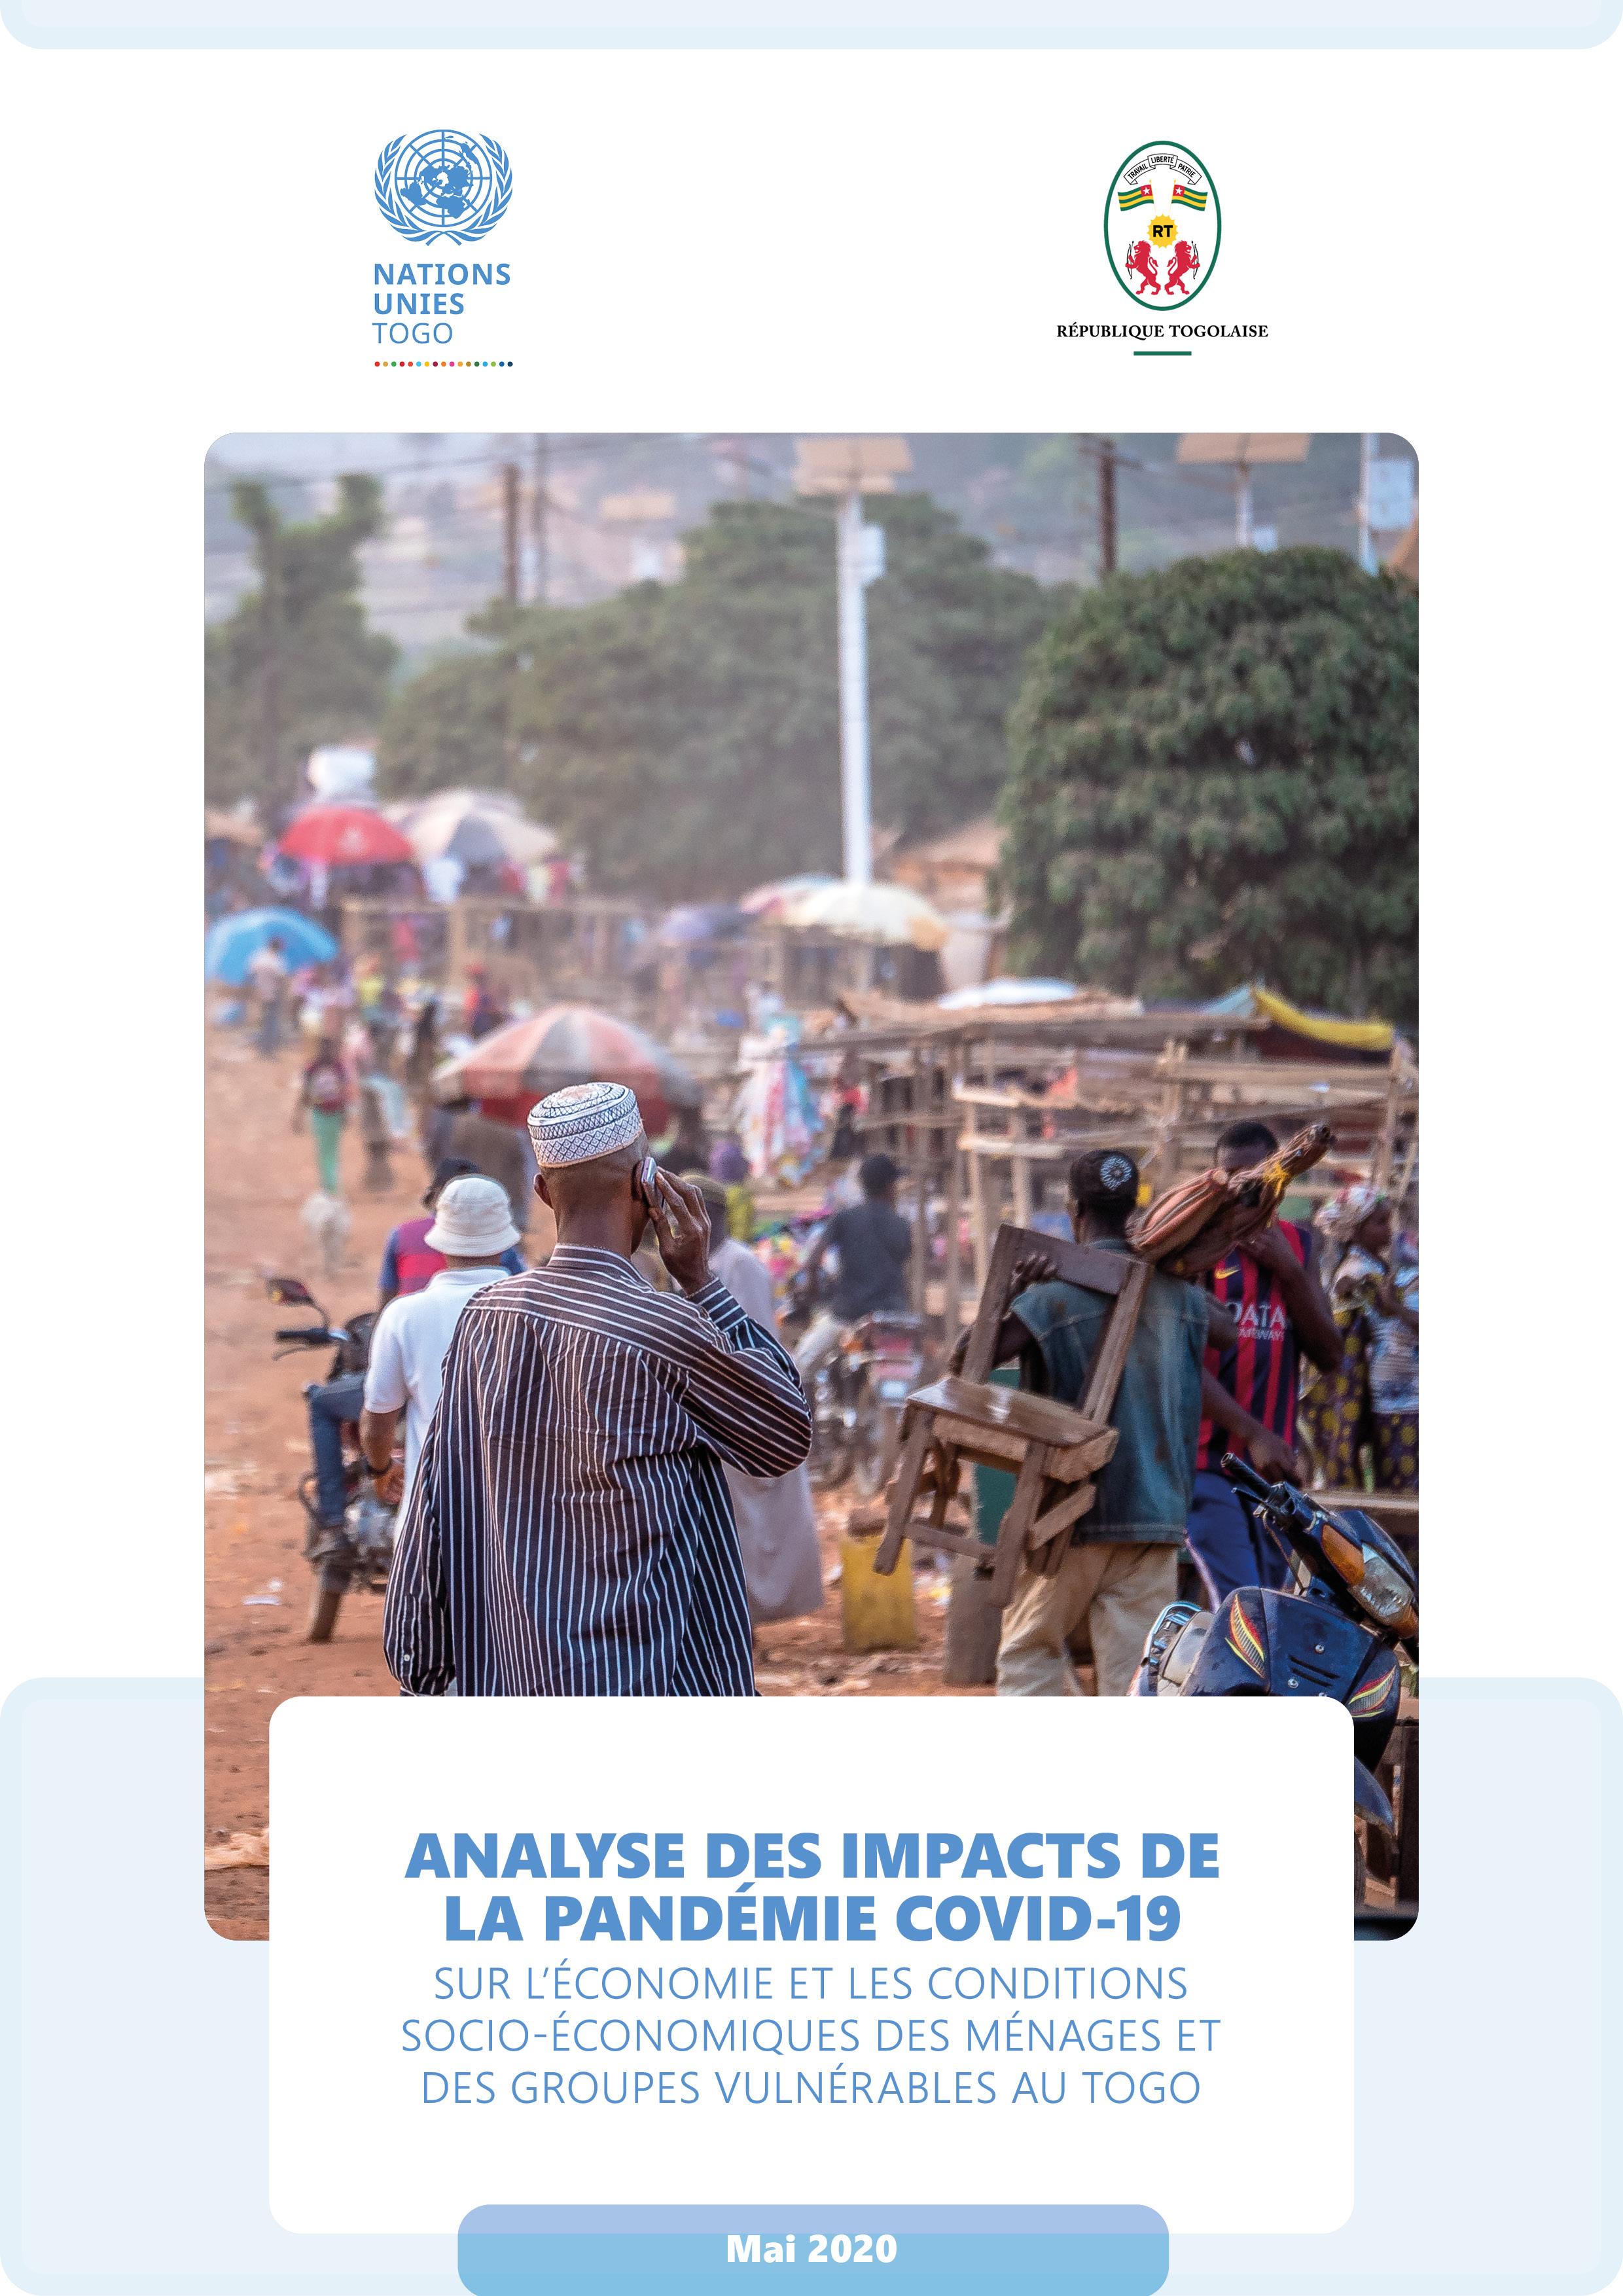 Analyse des impacts de la pandémie COVID-19